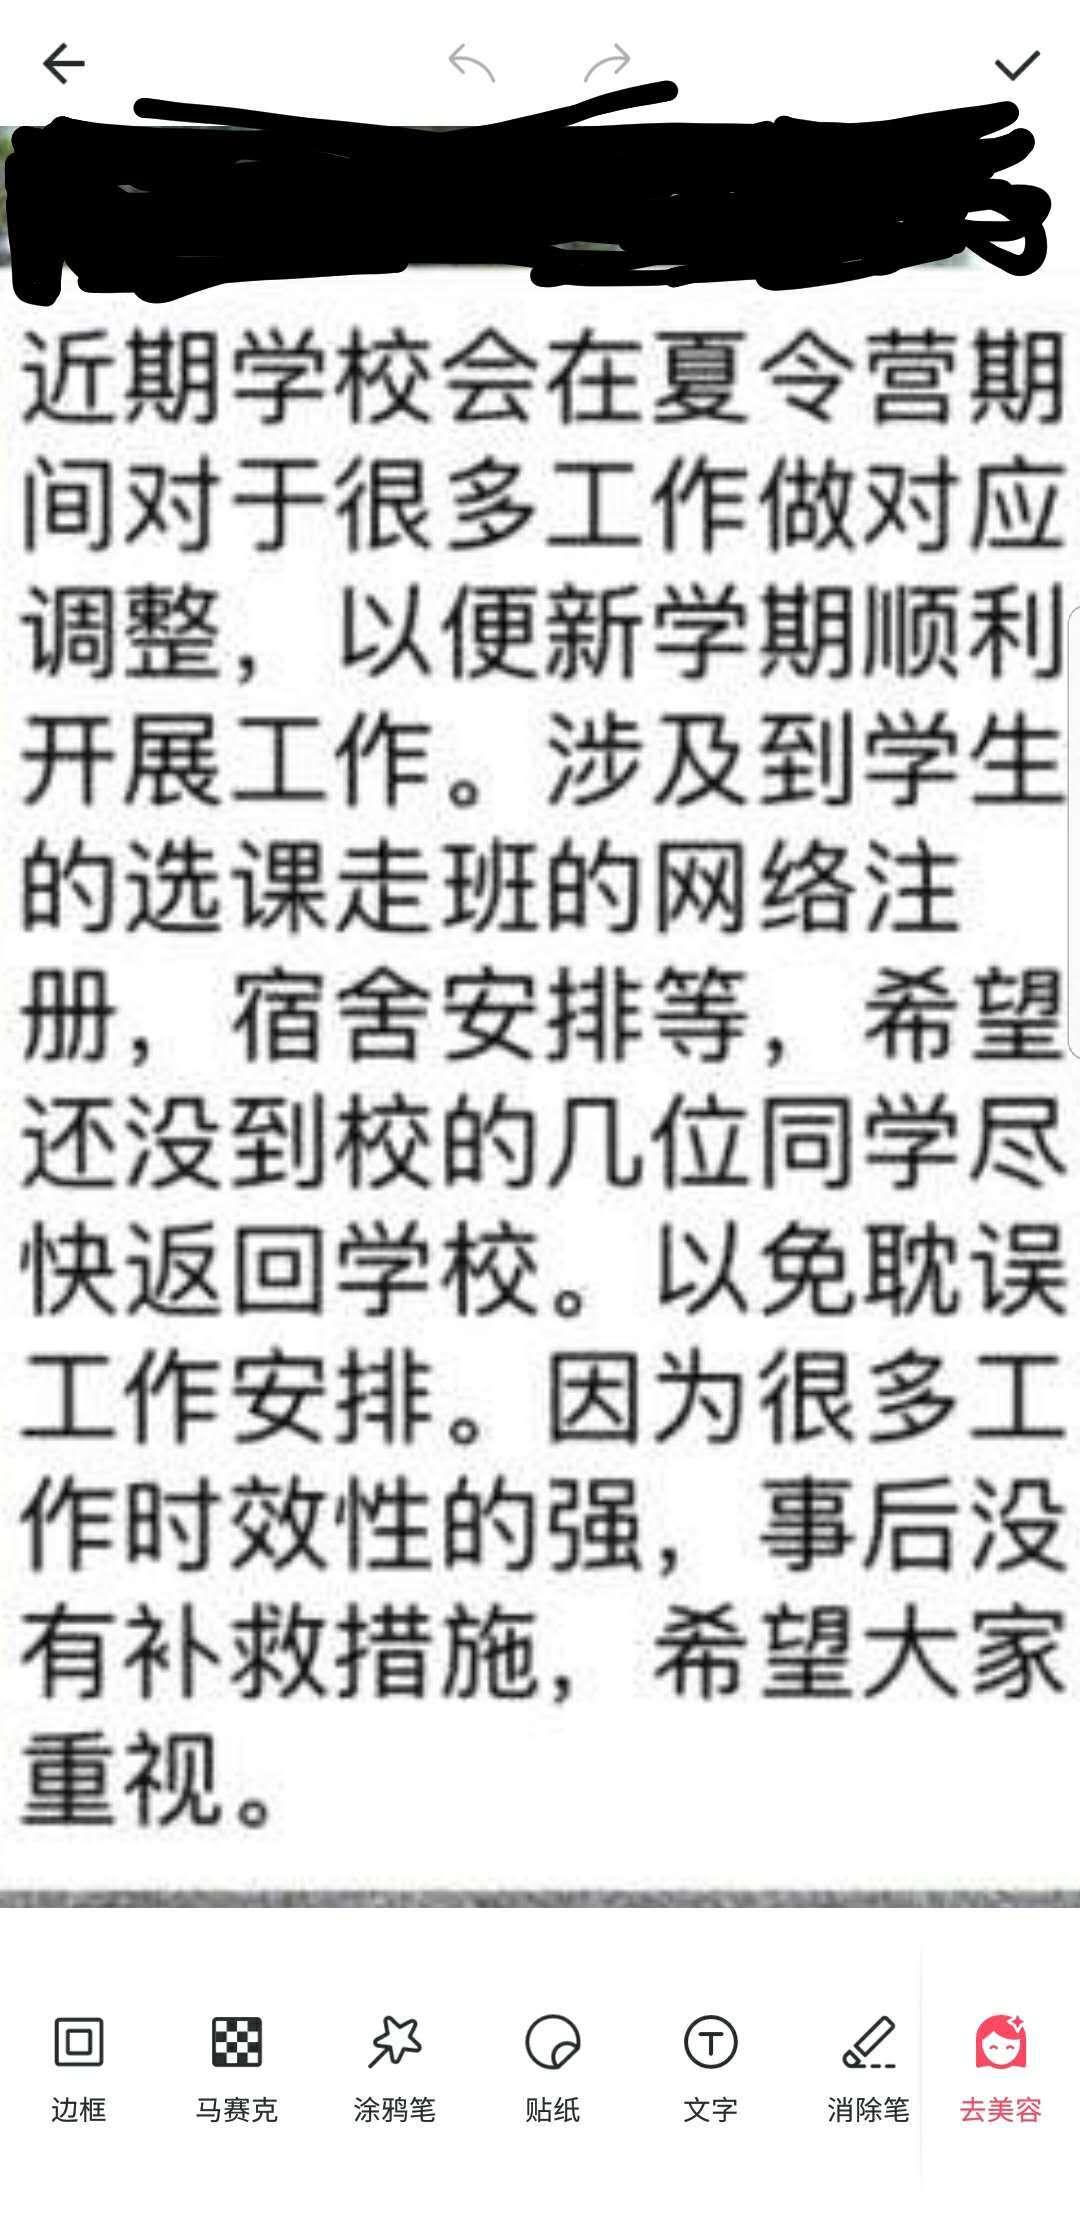 山东省青州市实验中学临时通知提前开学 副校长称教育局要求